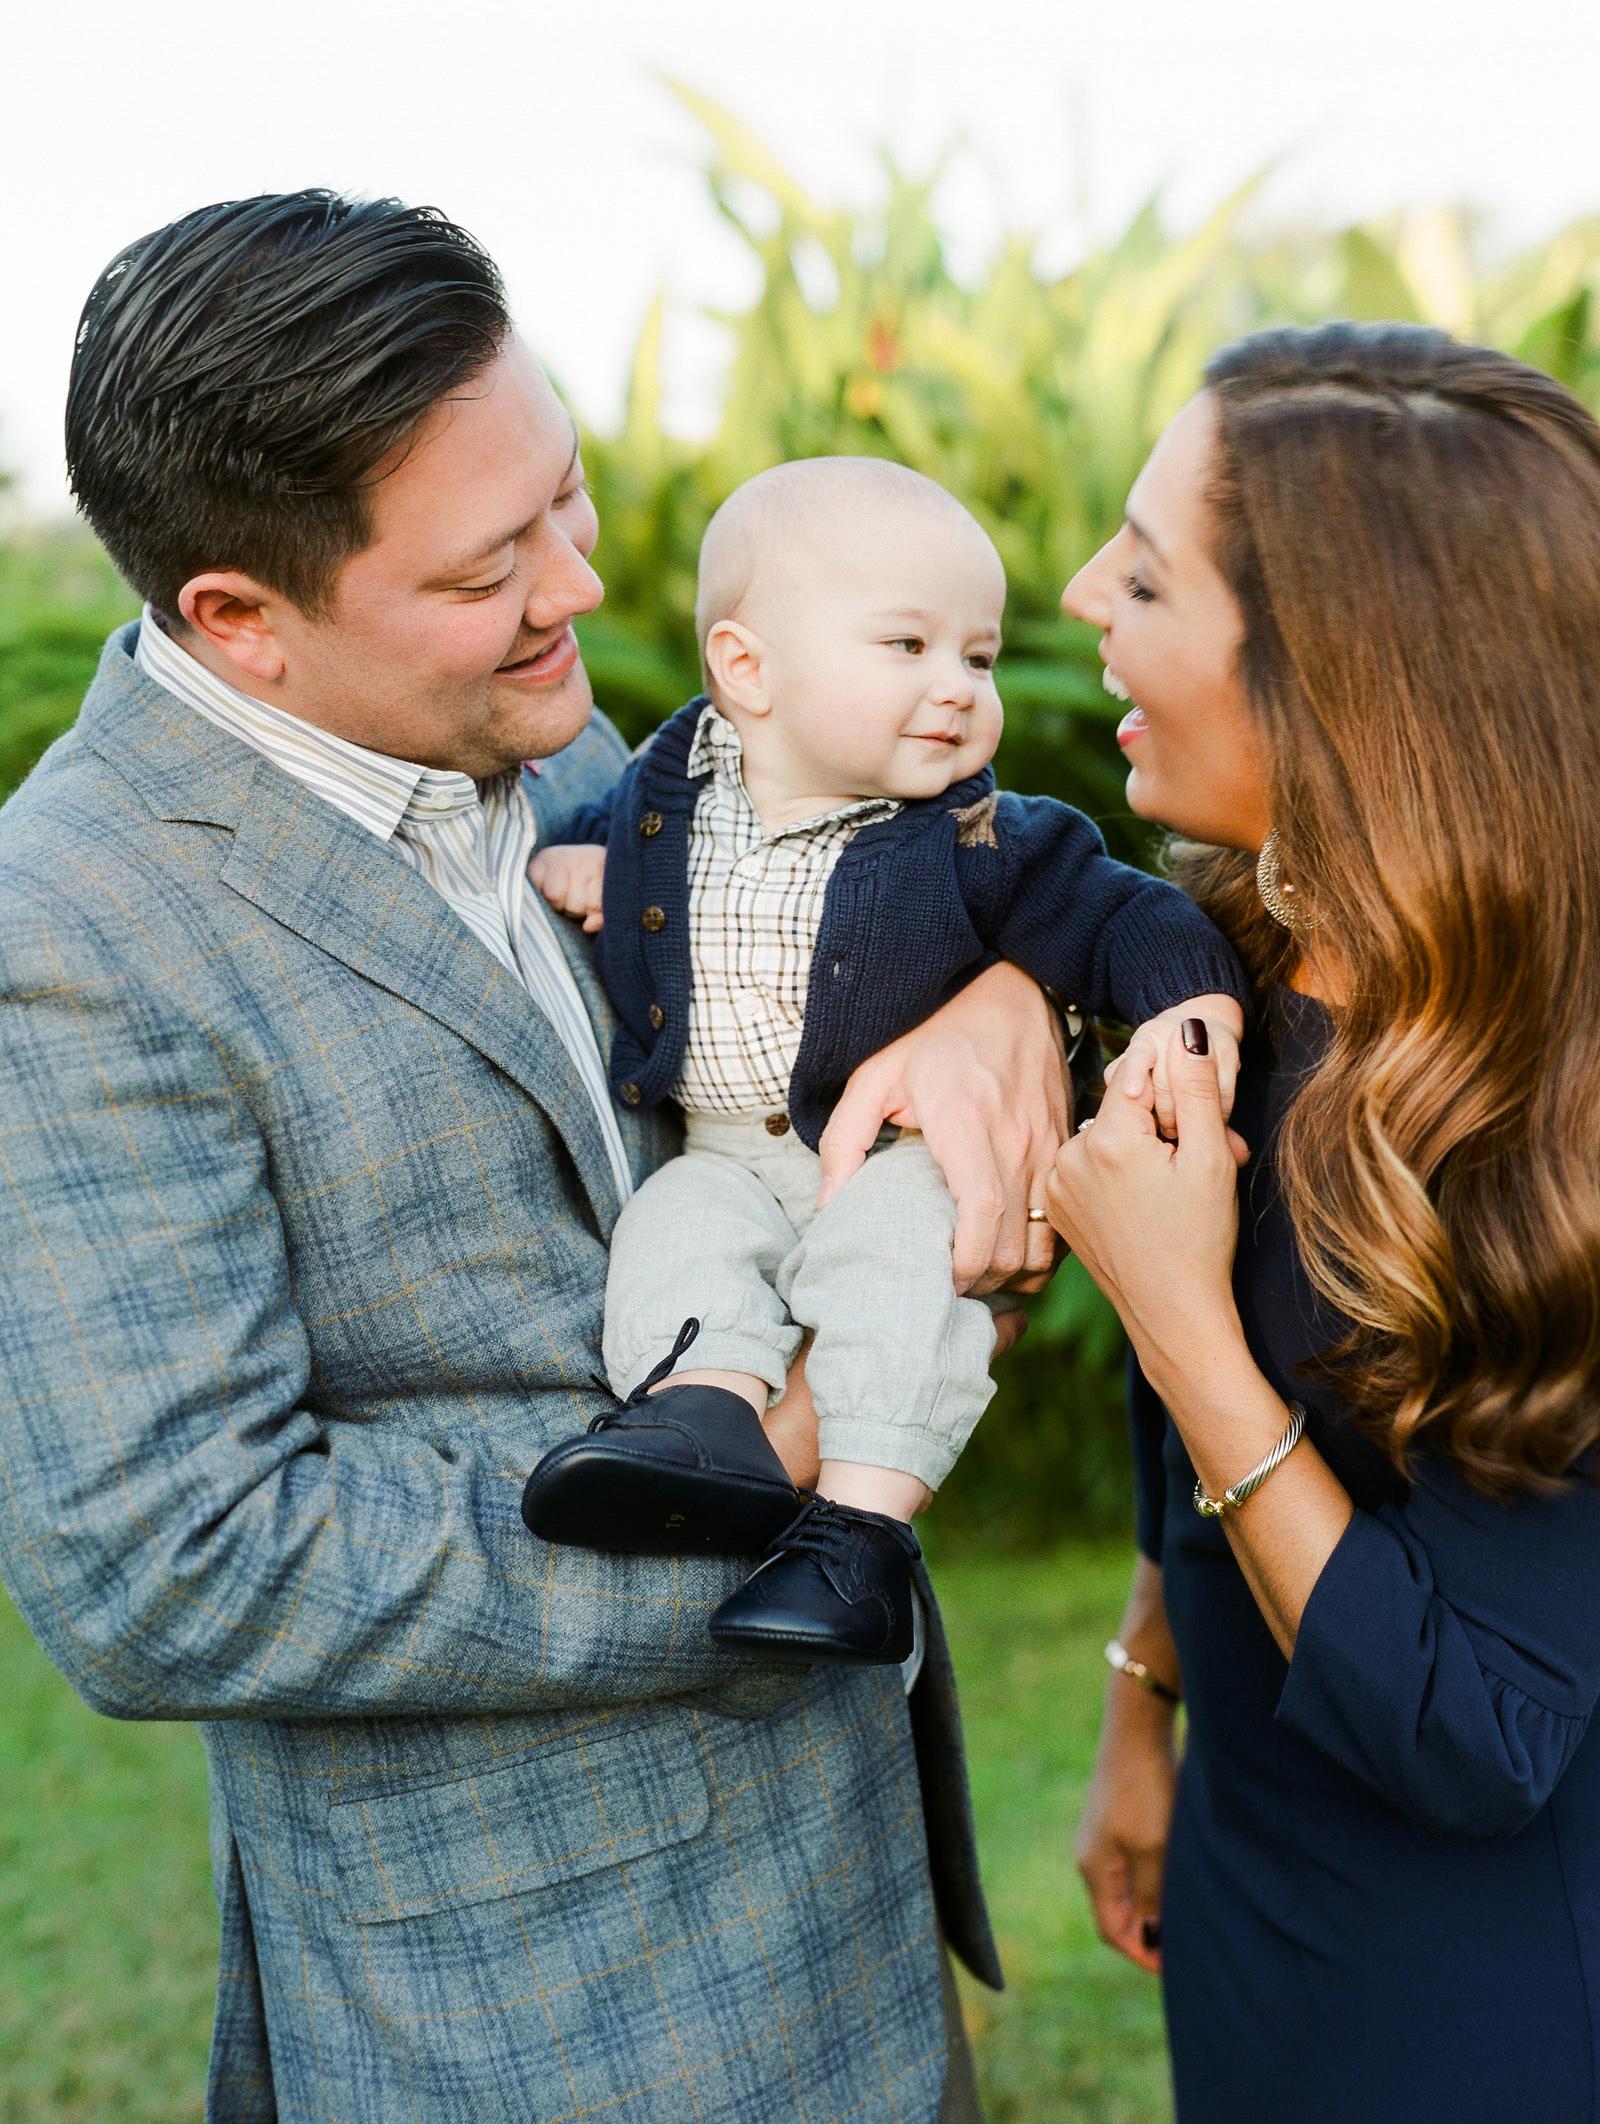 0026_0021-Houston-Family-Children-Baby-Photographers.jpg